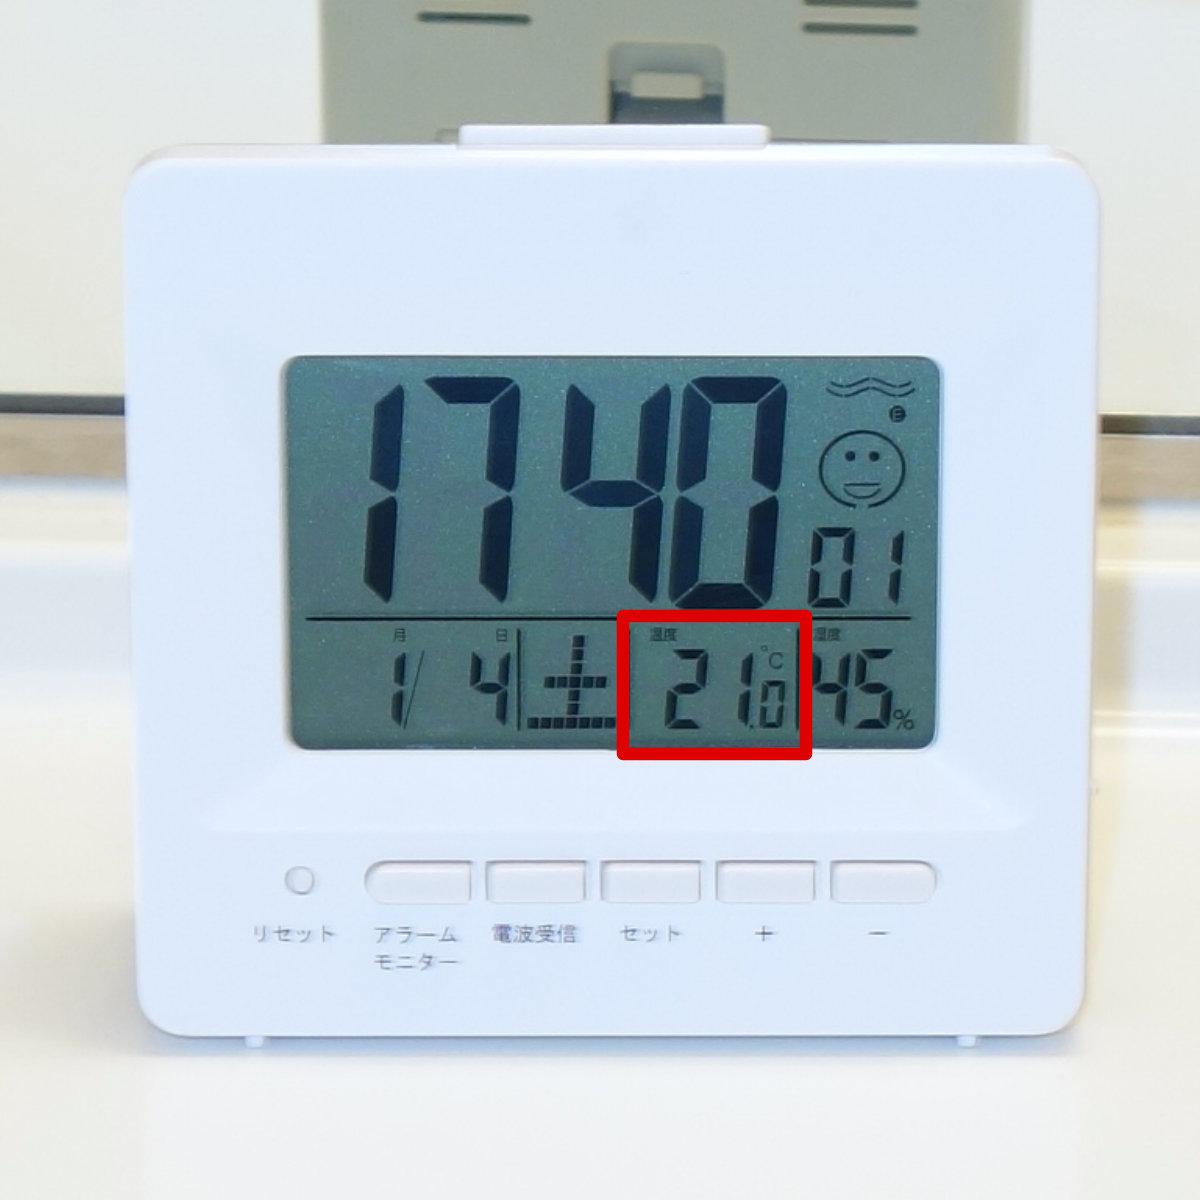 セラミックファンヒーターで10分温めた温度